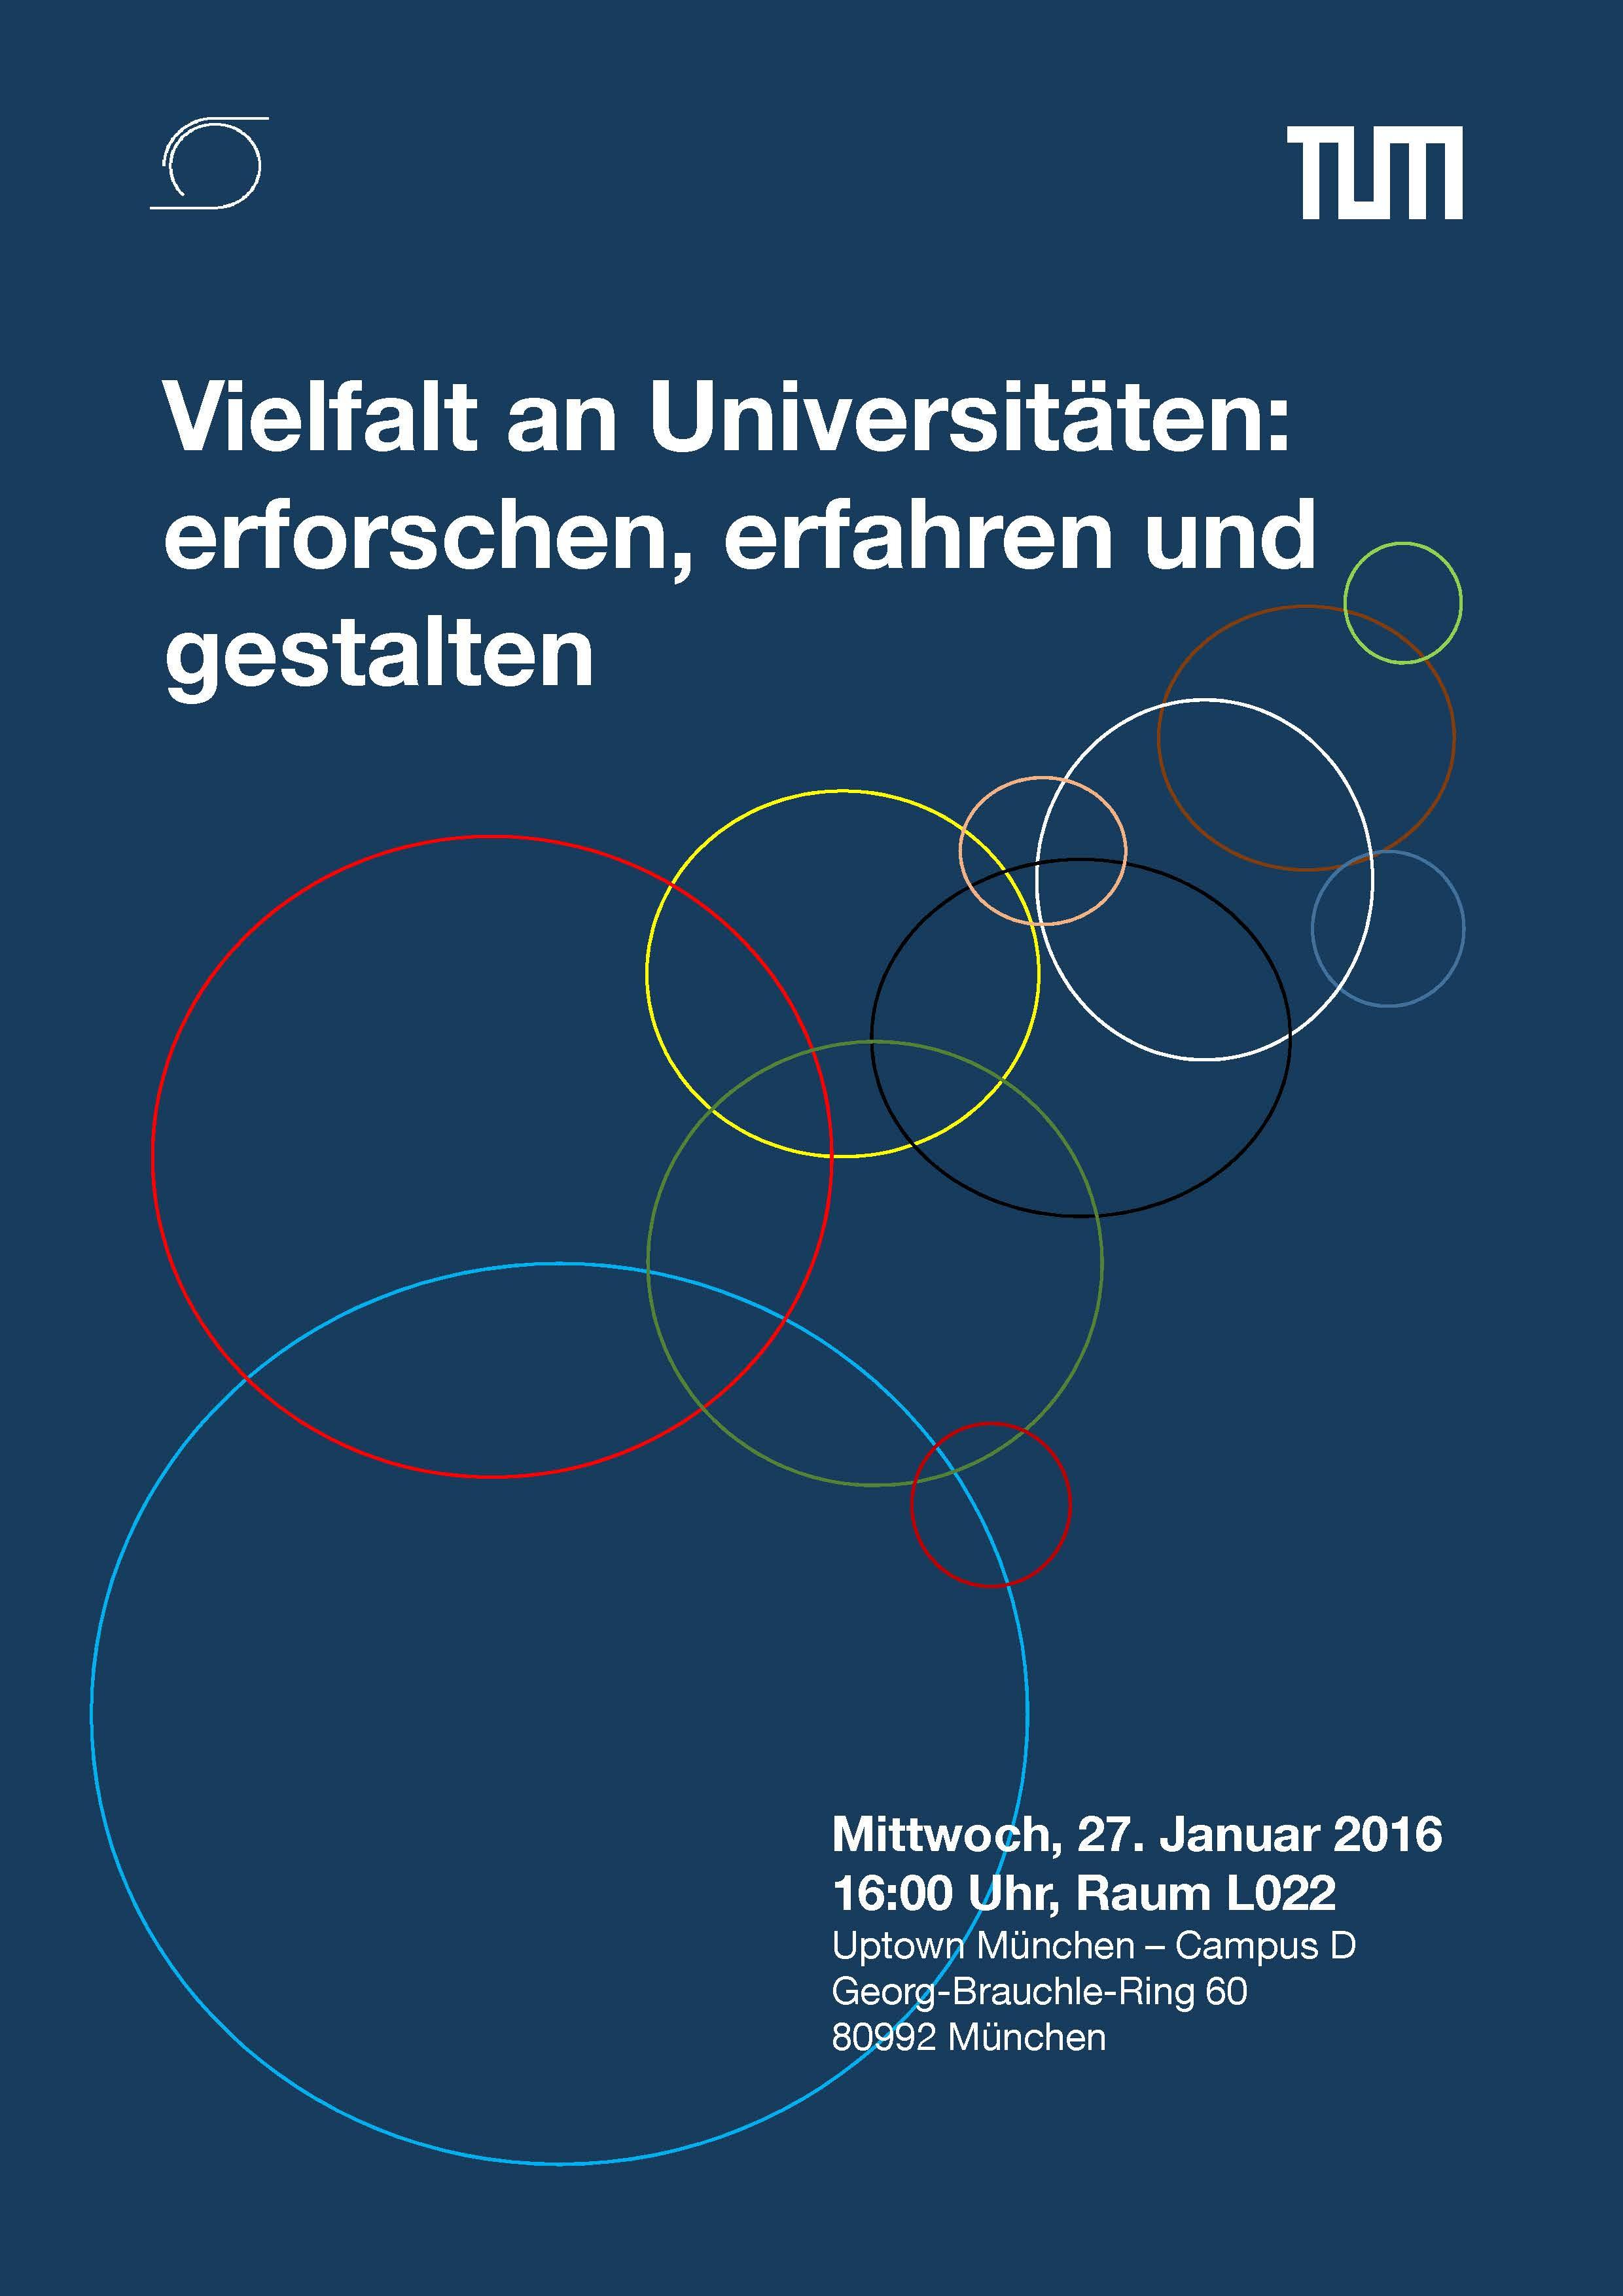 Programm-_-Vielfalt-an-Universitäten_27-01-2016_Seite_1